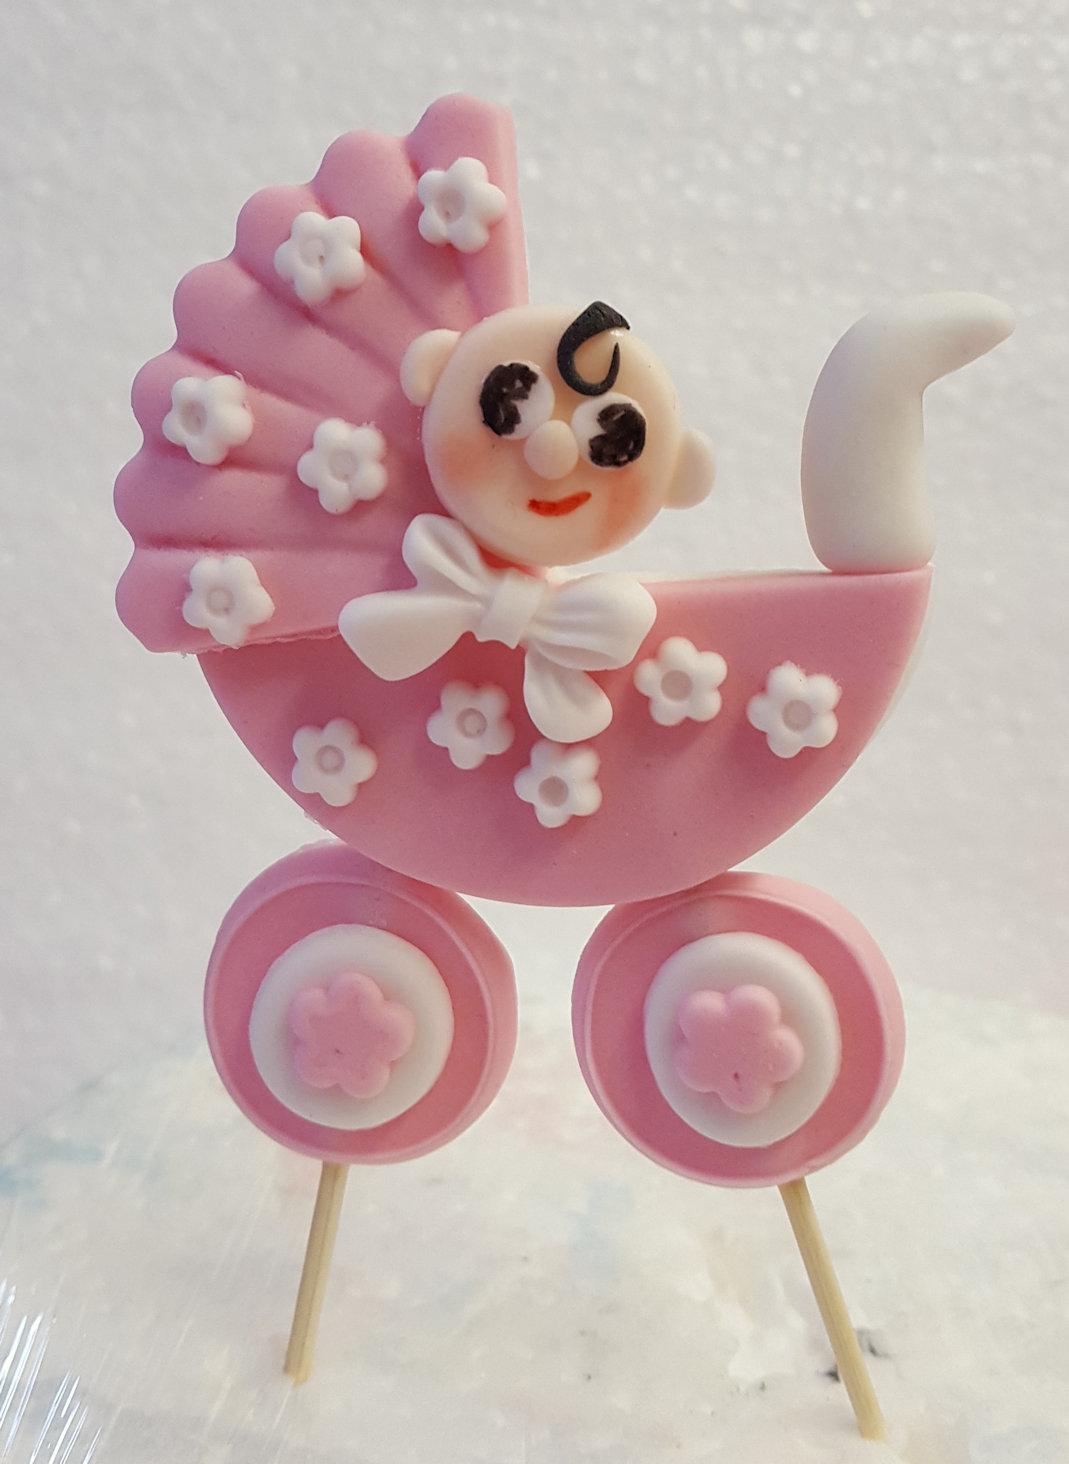 Baby in a pram cake topper